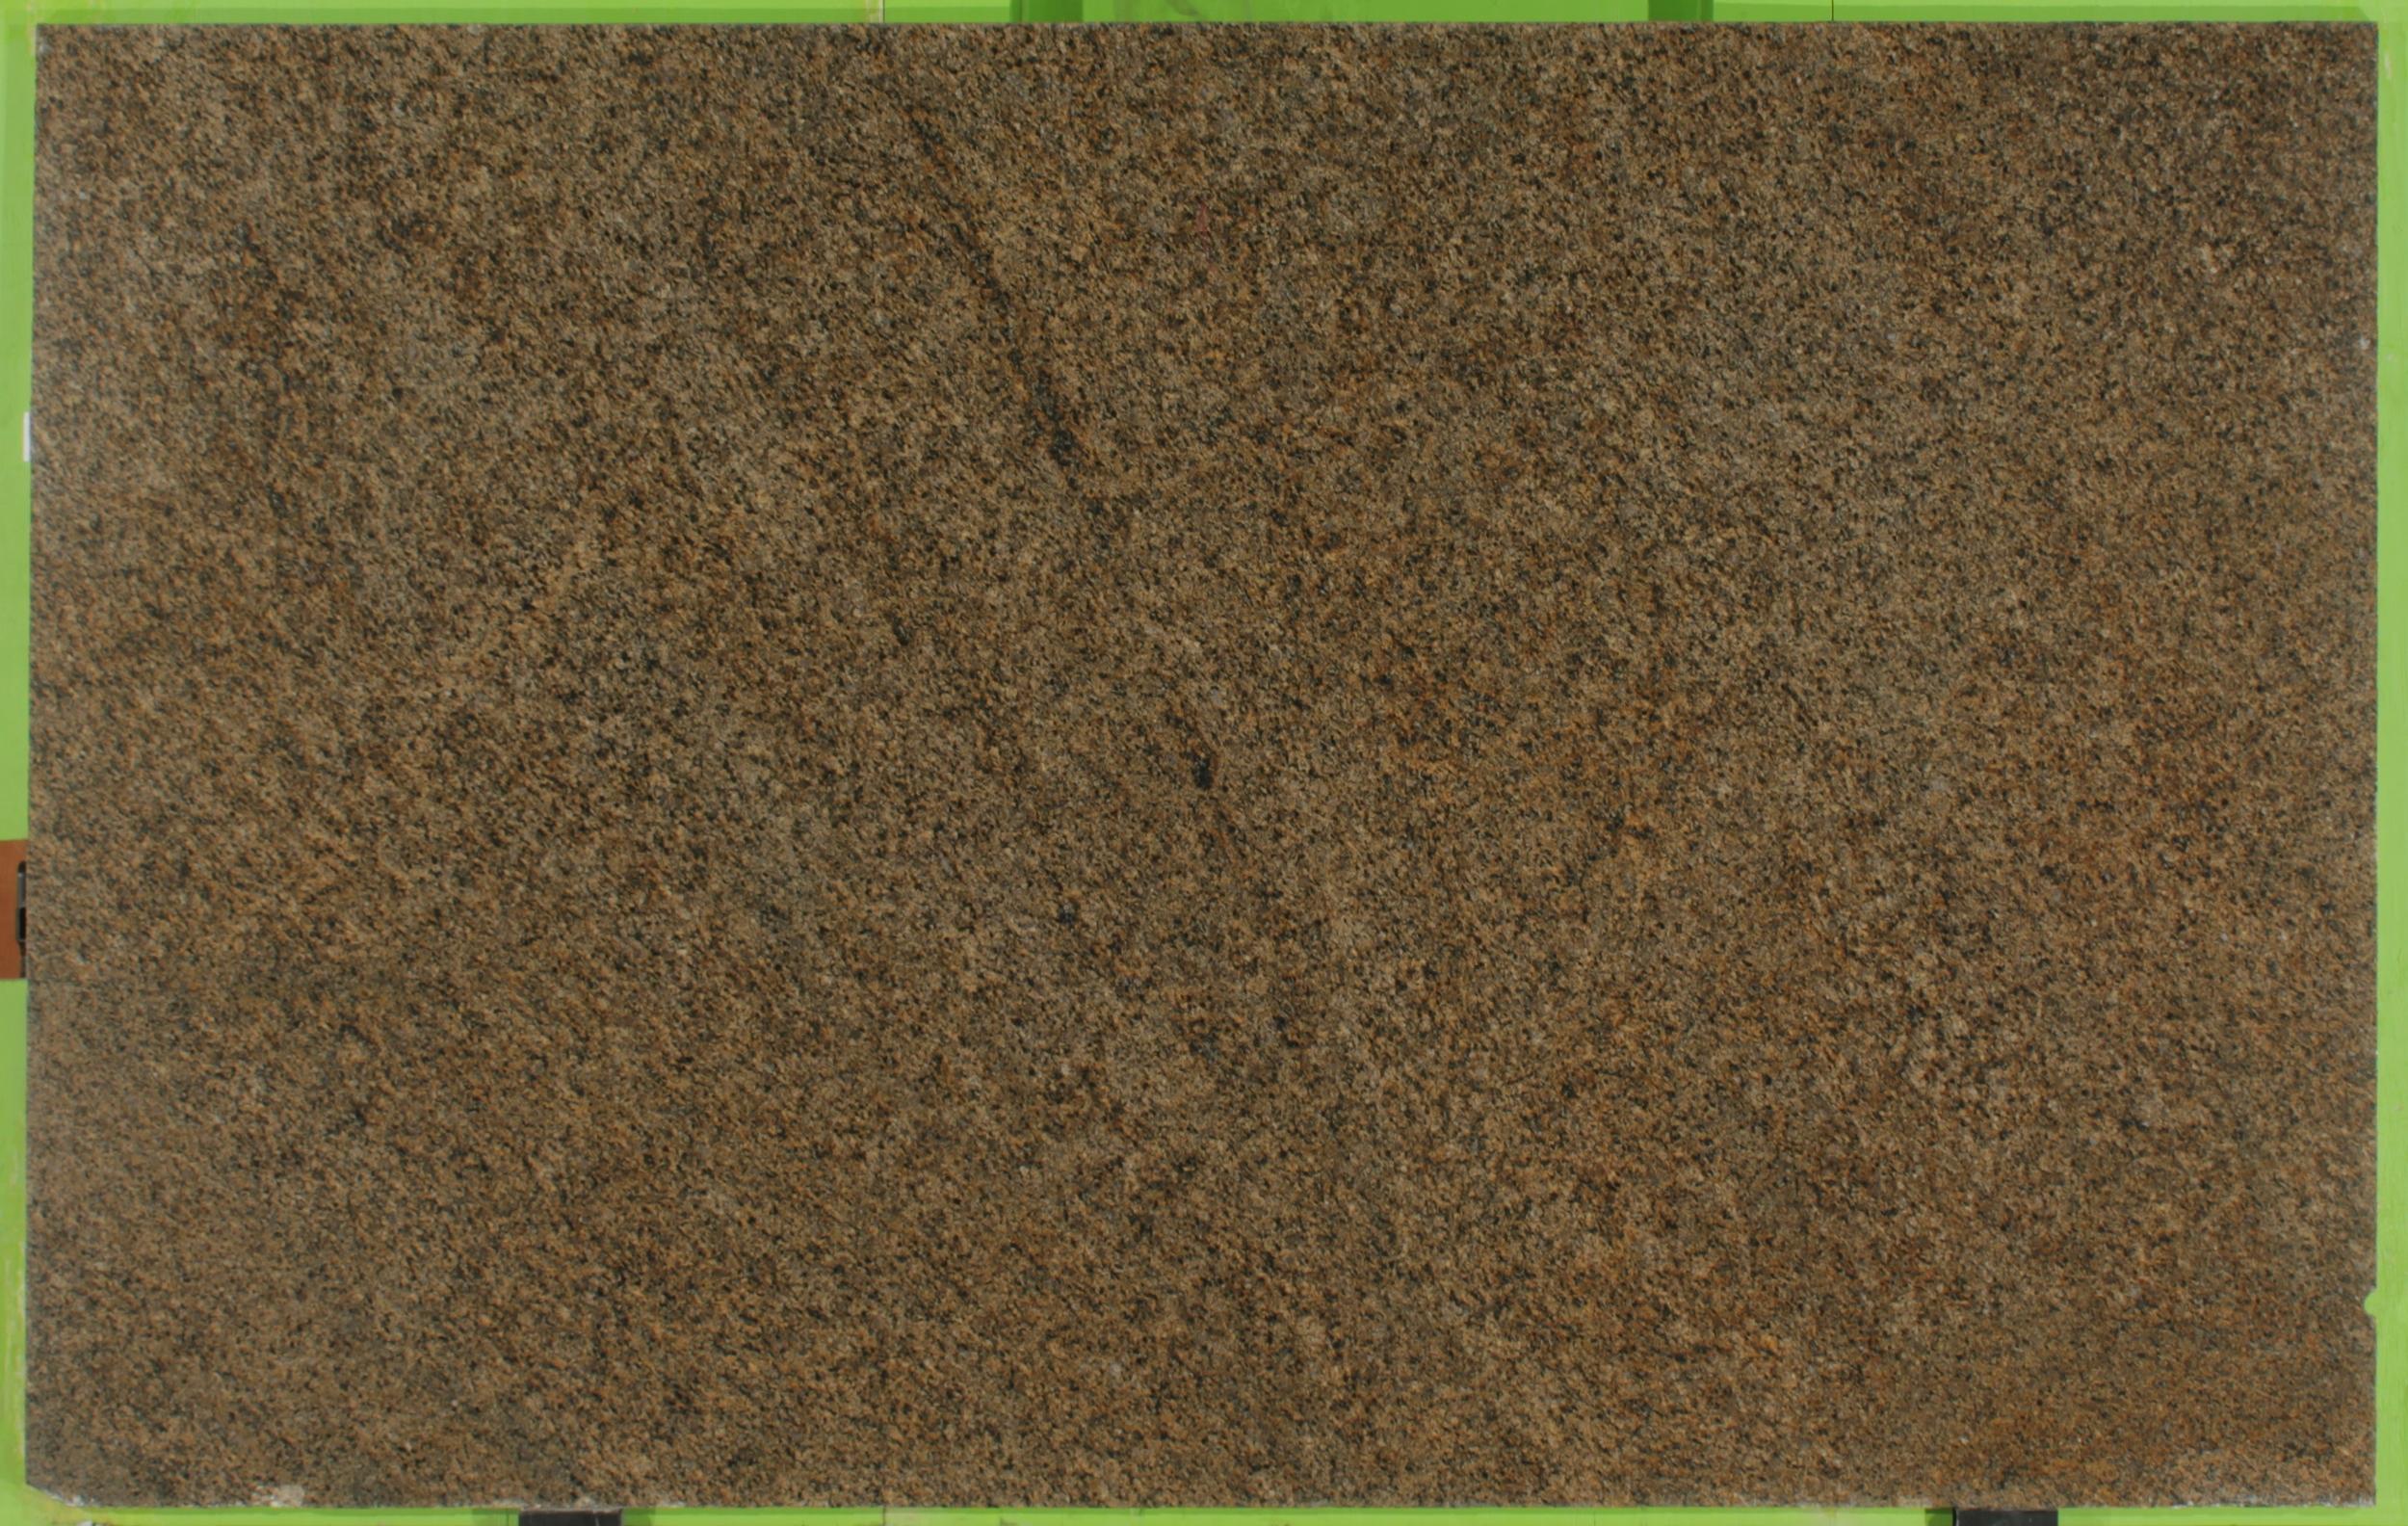 CHESTNUT brown